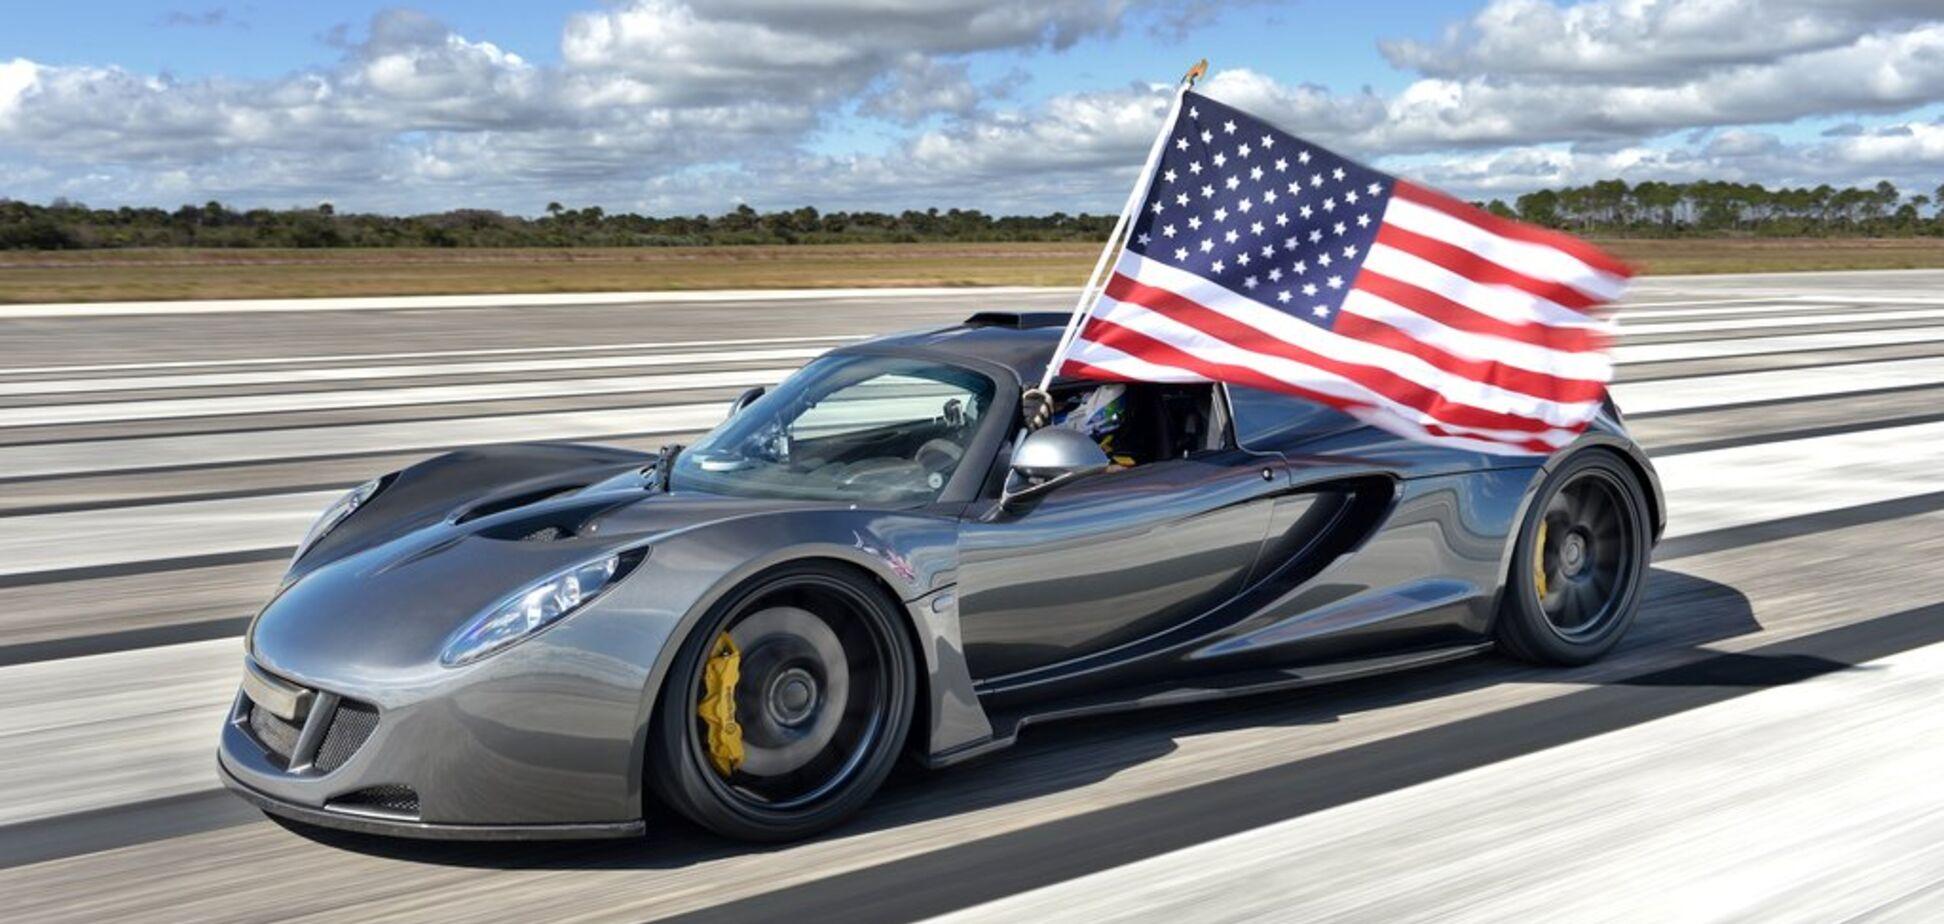 Топ-10 самых безумных суперкаров от Hennessey Performance: видео